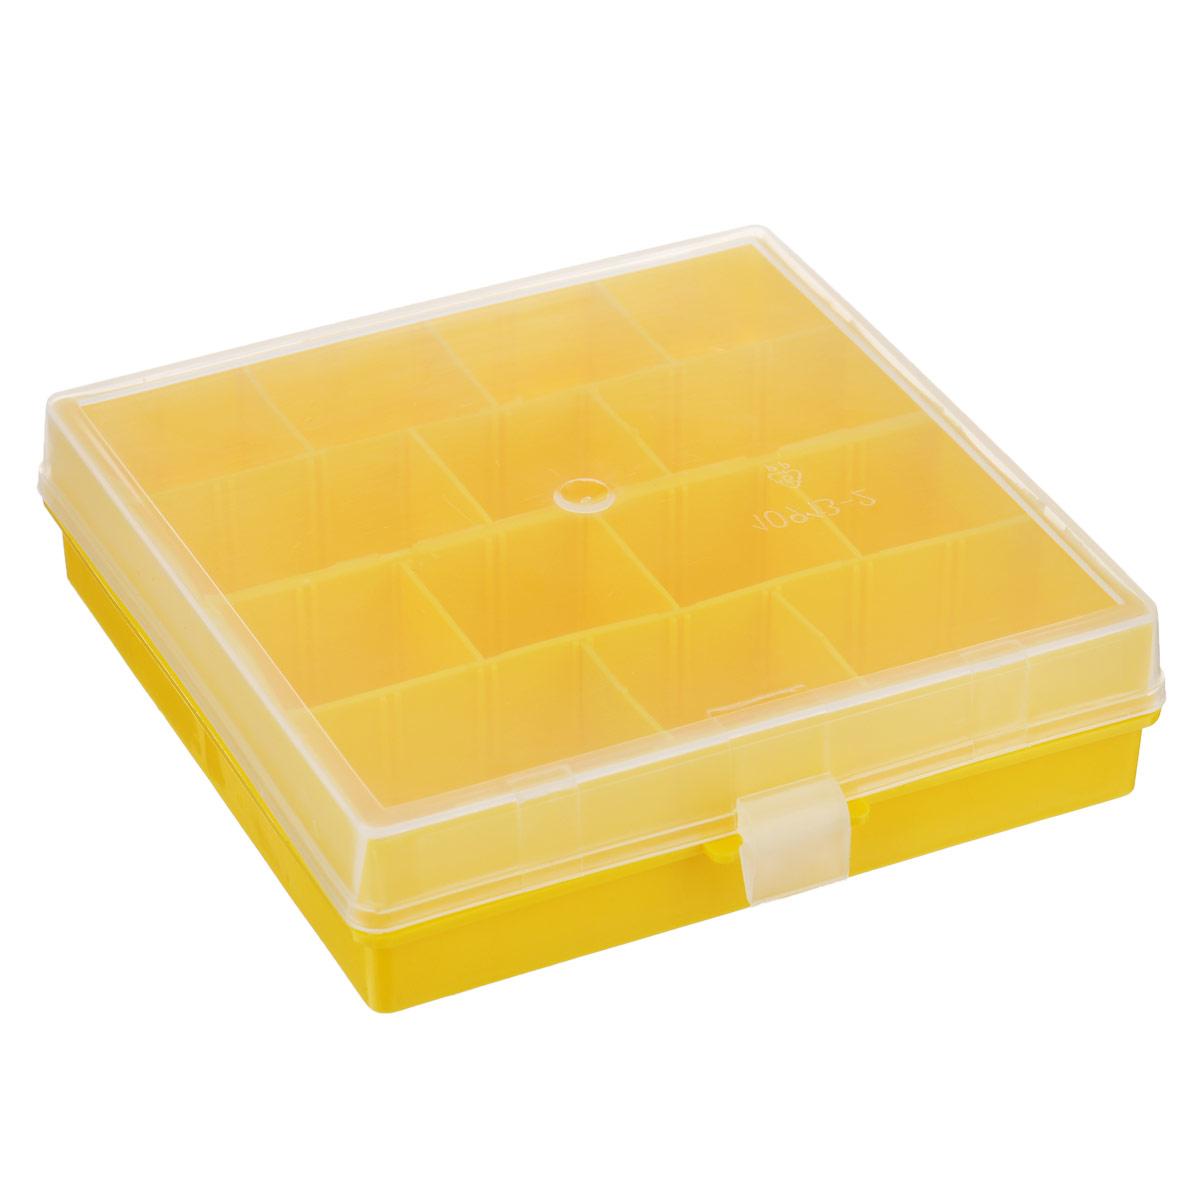 Коробка для мелочей Полимербыт Профи 2, цвет: желтый, 14 х 14 х 3,5 смС502Коробка Полимербыт Профи 2 выполненная из прочного пластика, предназначена для хранения различных мелких вещей. Количество отделений можно изменять благодаря съемным перегородкам. Такая коробка закрывается при помощи прозрачной крышки, что поможет быстро определить содержимое. Коробка поможет хранить все в одном месте, а также защитить вещи от пыли, грязи и влаги.